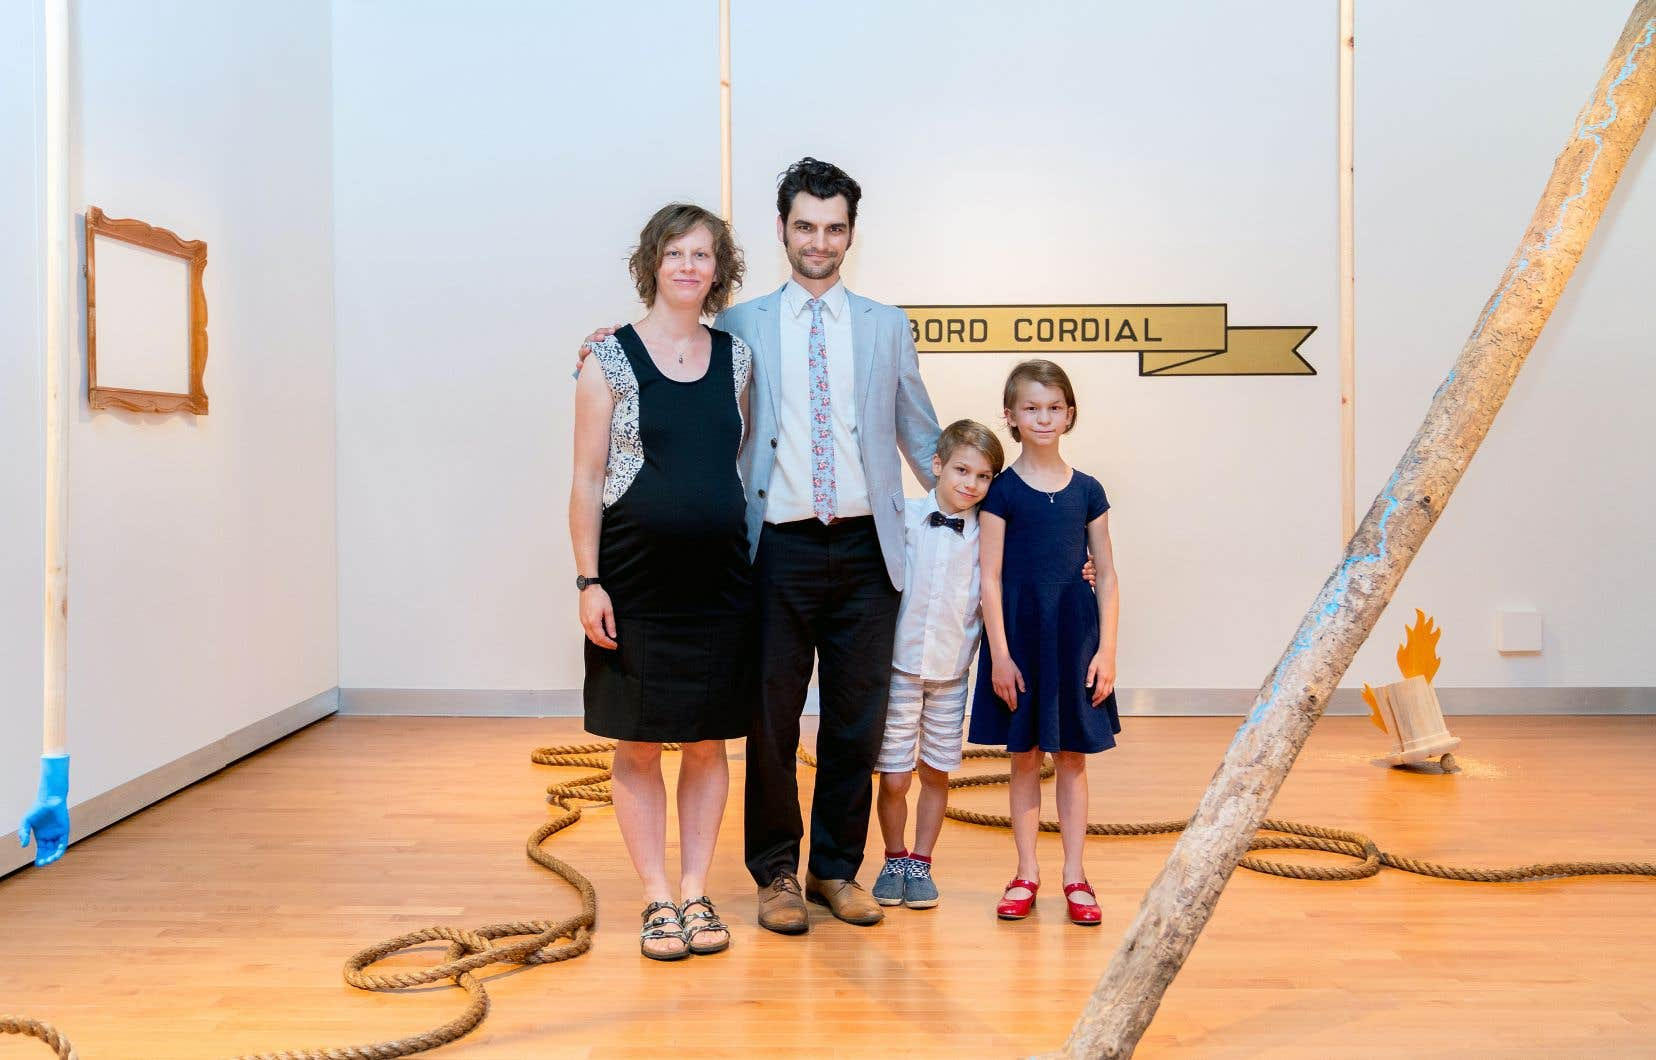 Dans l'installation «D'abord cordial!», le collectif La Famille Plouffe invite à réfléchir à l'histoire des banlieues à travers son histoire plus ancienne.